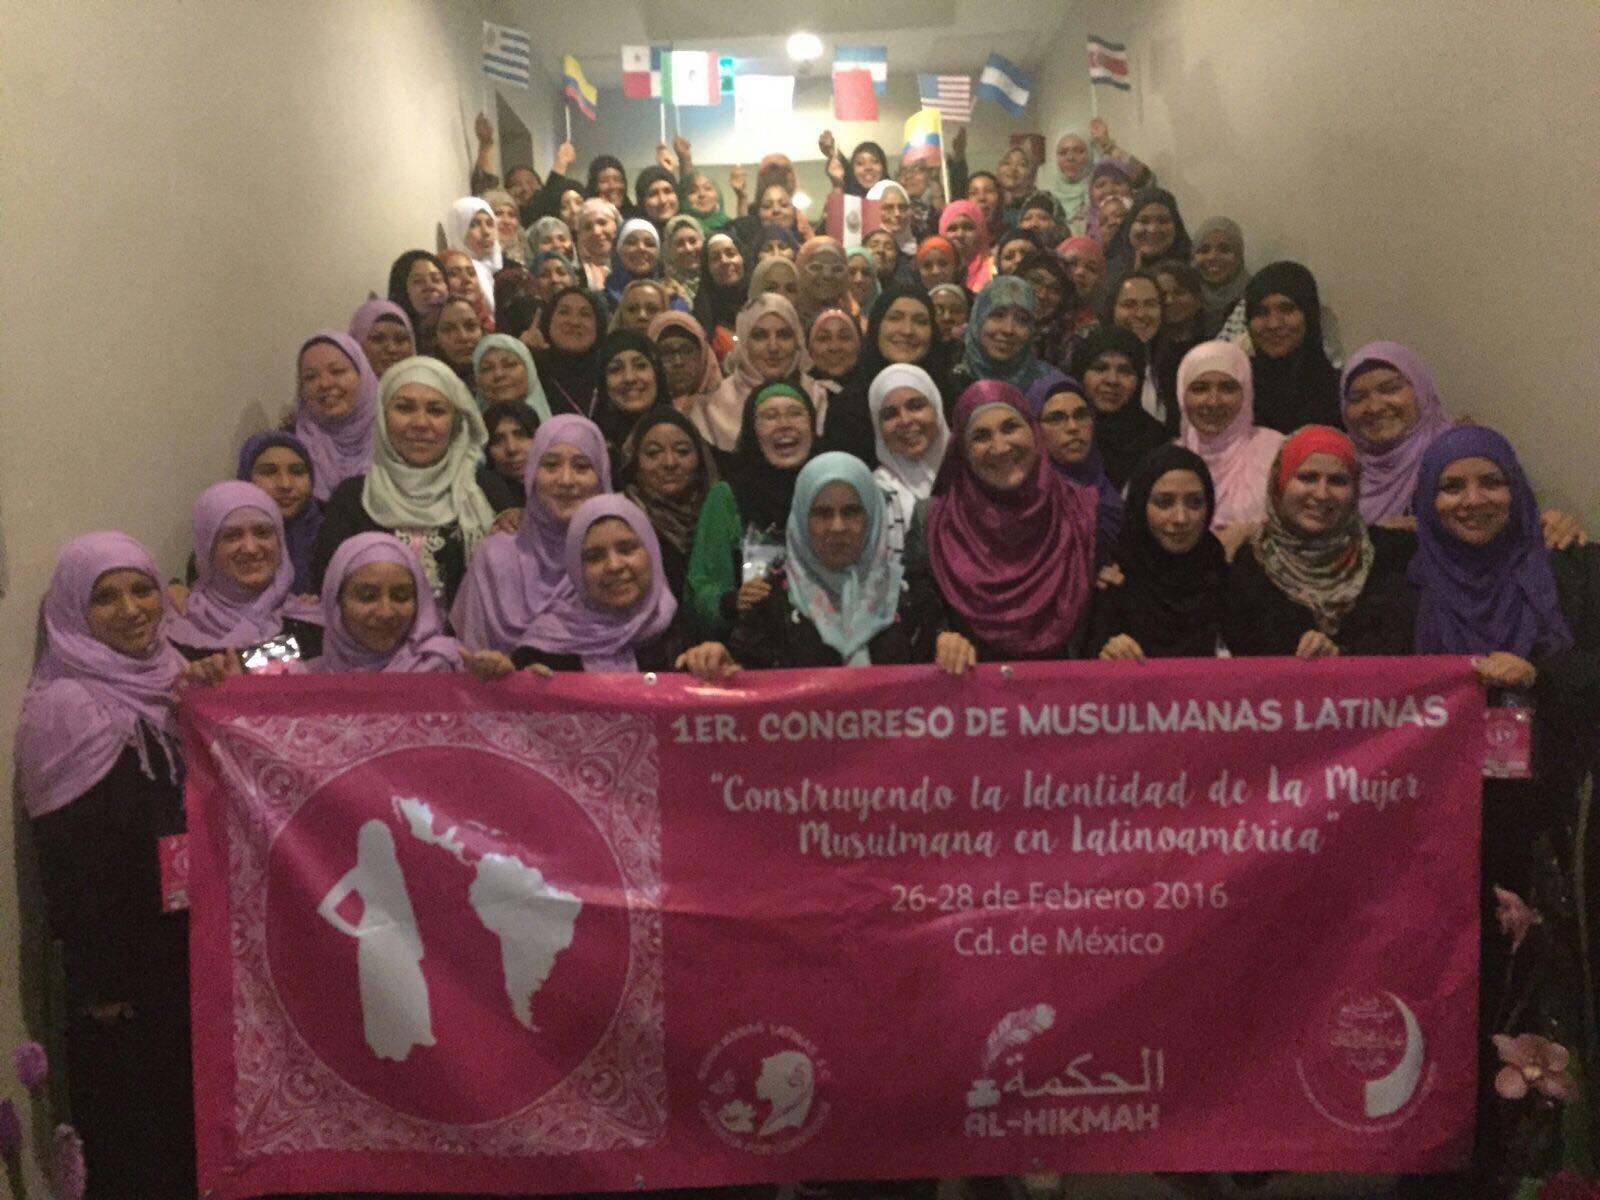 Congreso Musulmanas Latinas A.C.